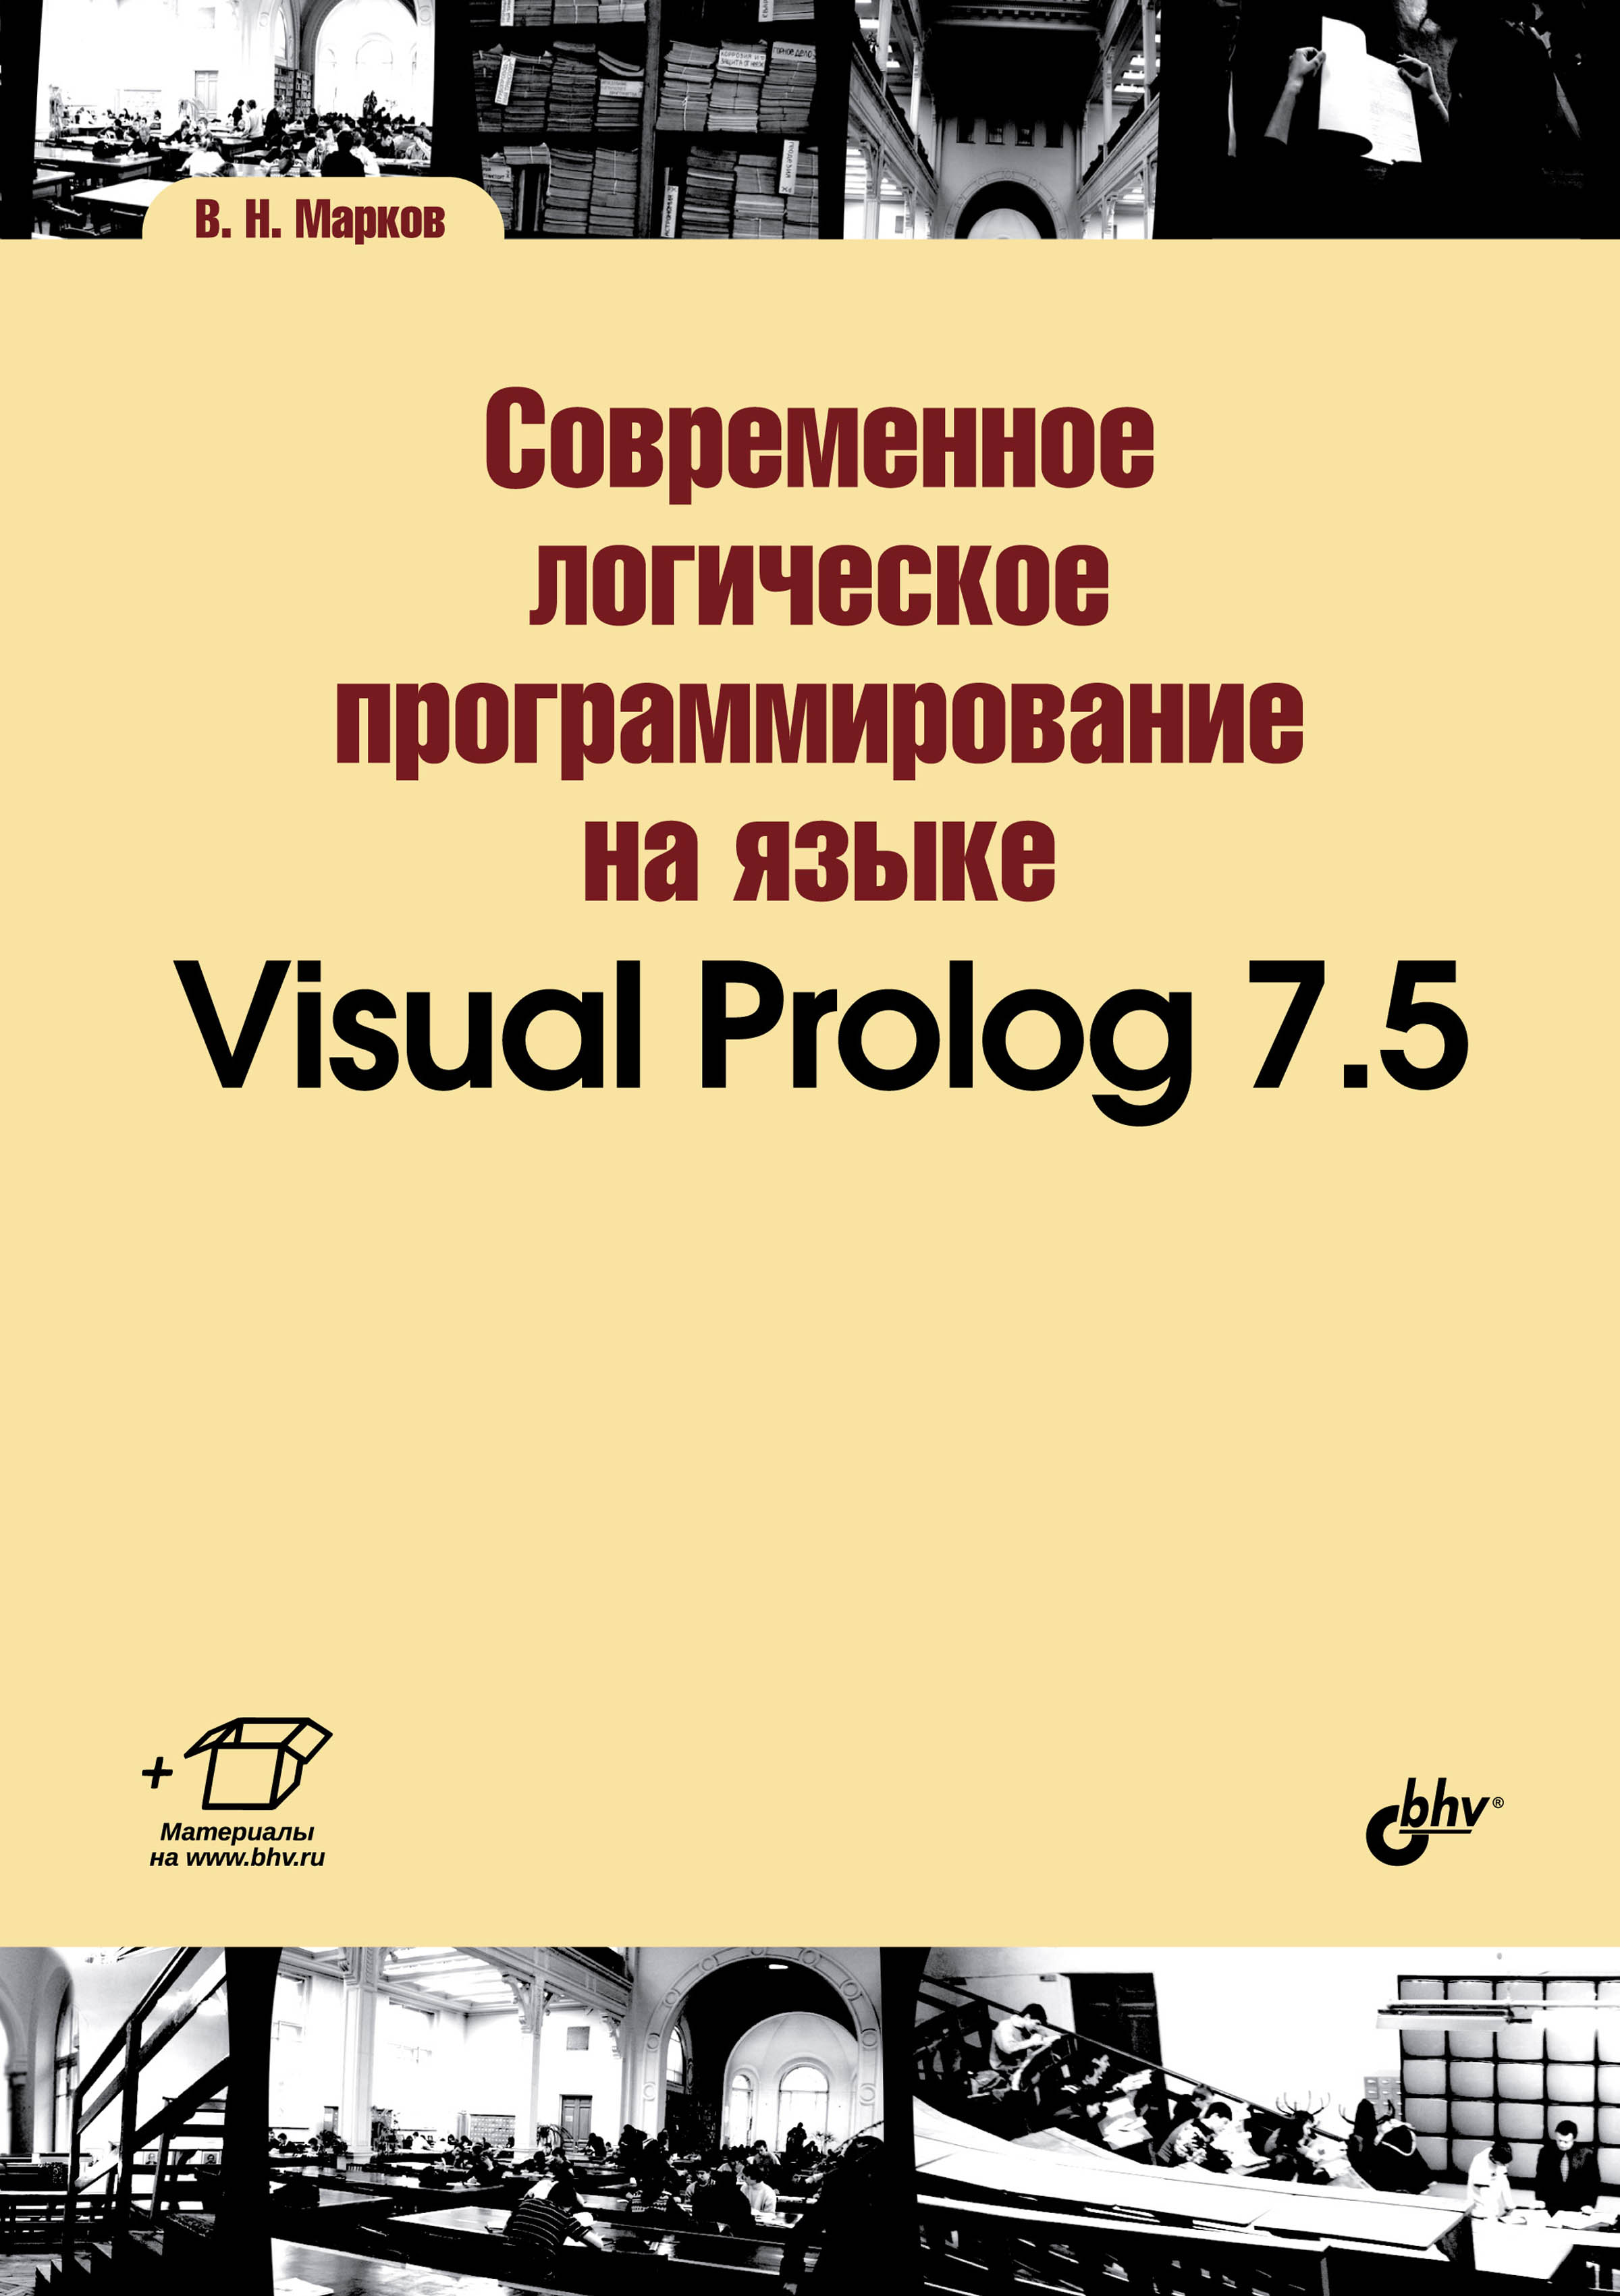 В. Н. Марков Современное логическое программирование на языке Visual Prolog 7.5 адаменко анатолий логическое программирование и visual prolog в подлиннике